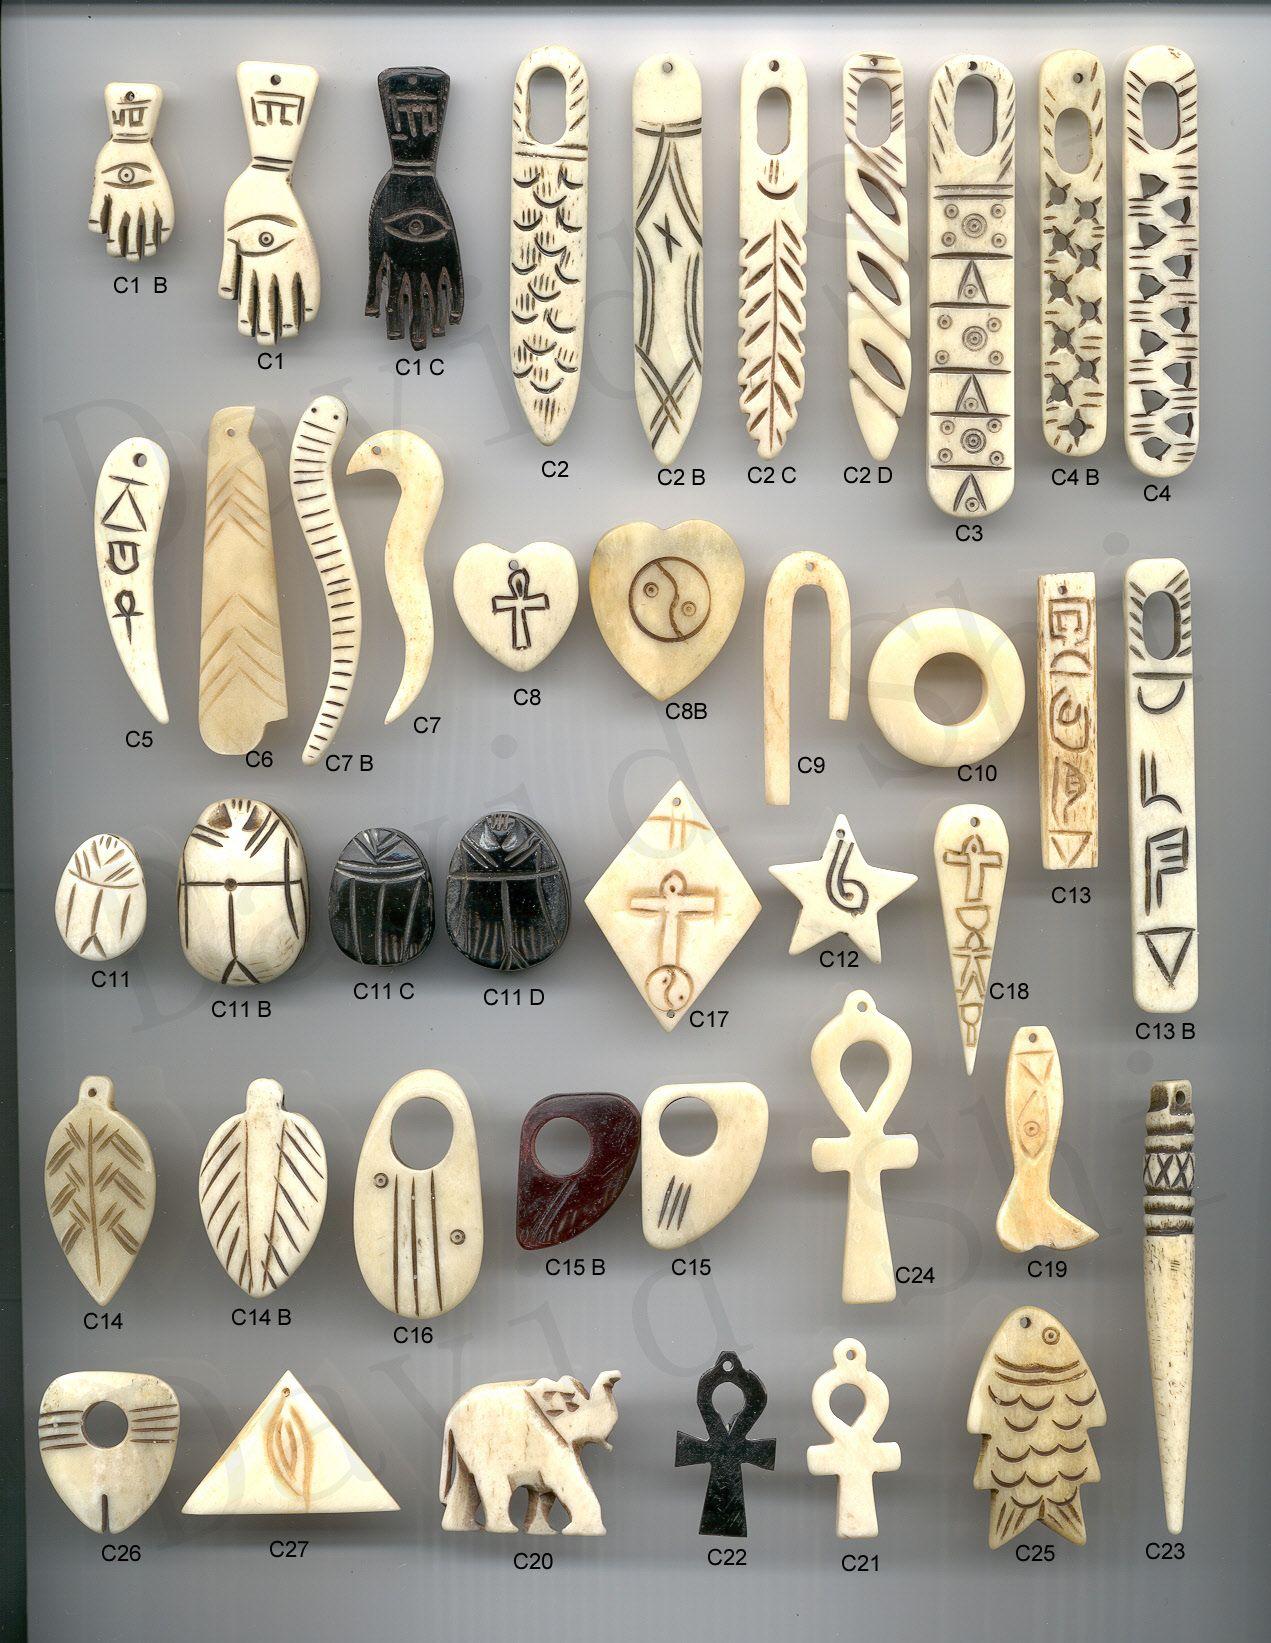 Bone Charms 33.jpg (JPEG Image, 1271×1643 pixels) - Scaled (34%)